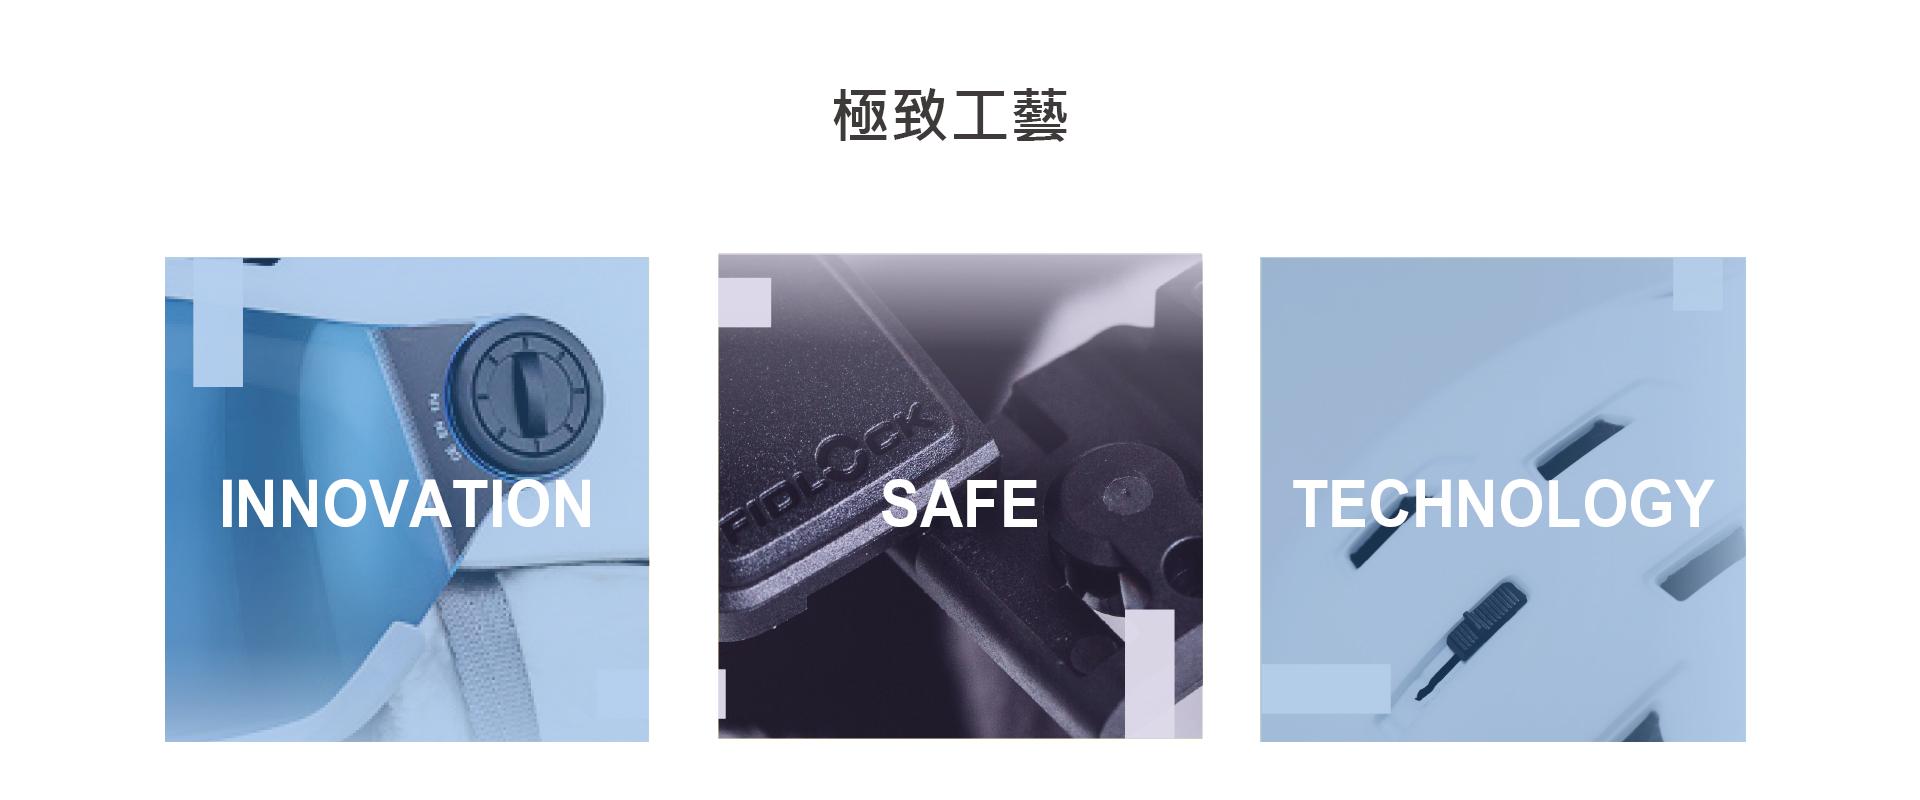 極致工藝 INNOVATION SAFE TECHNOLOGY